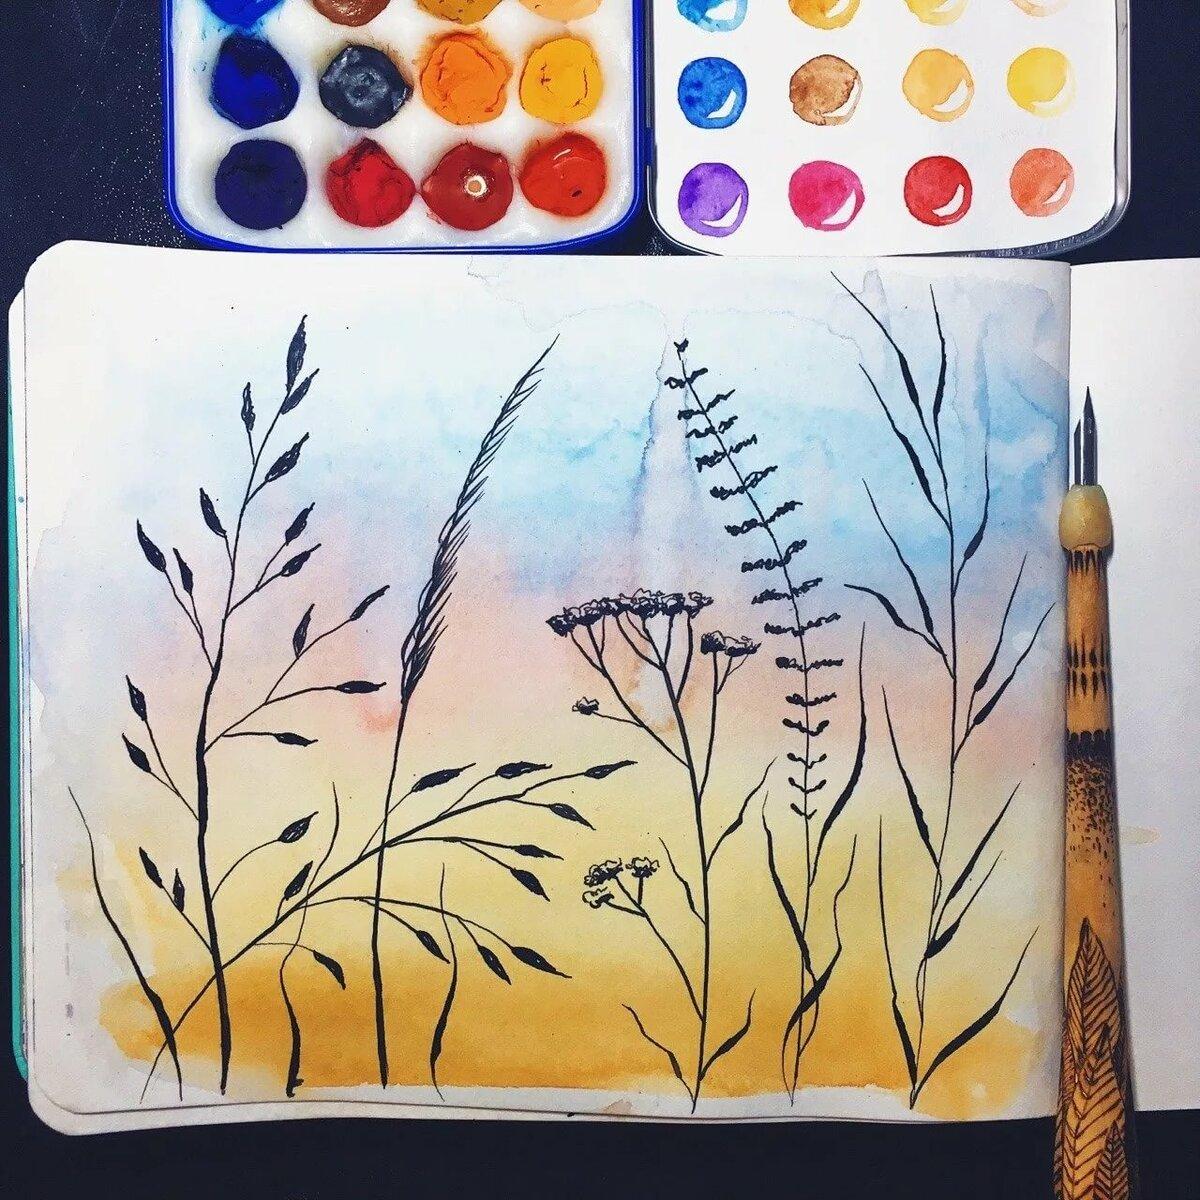 Картинки нарисованные гуашью легкие для срисовки